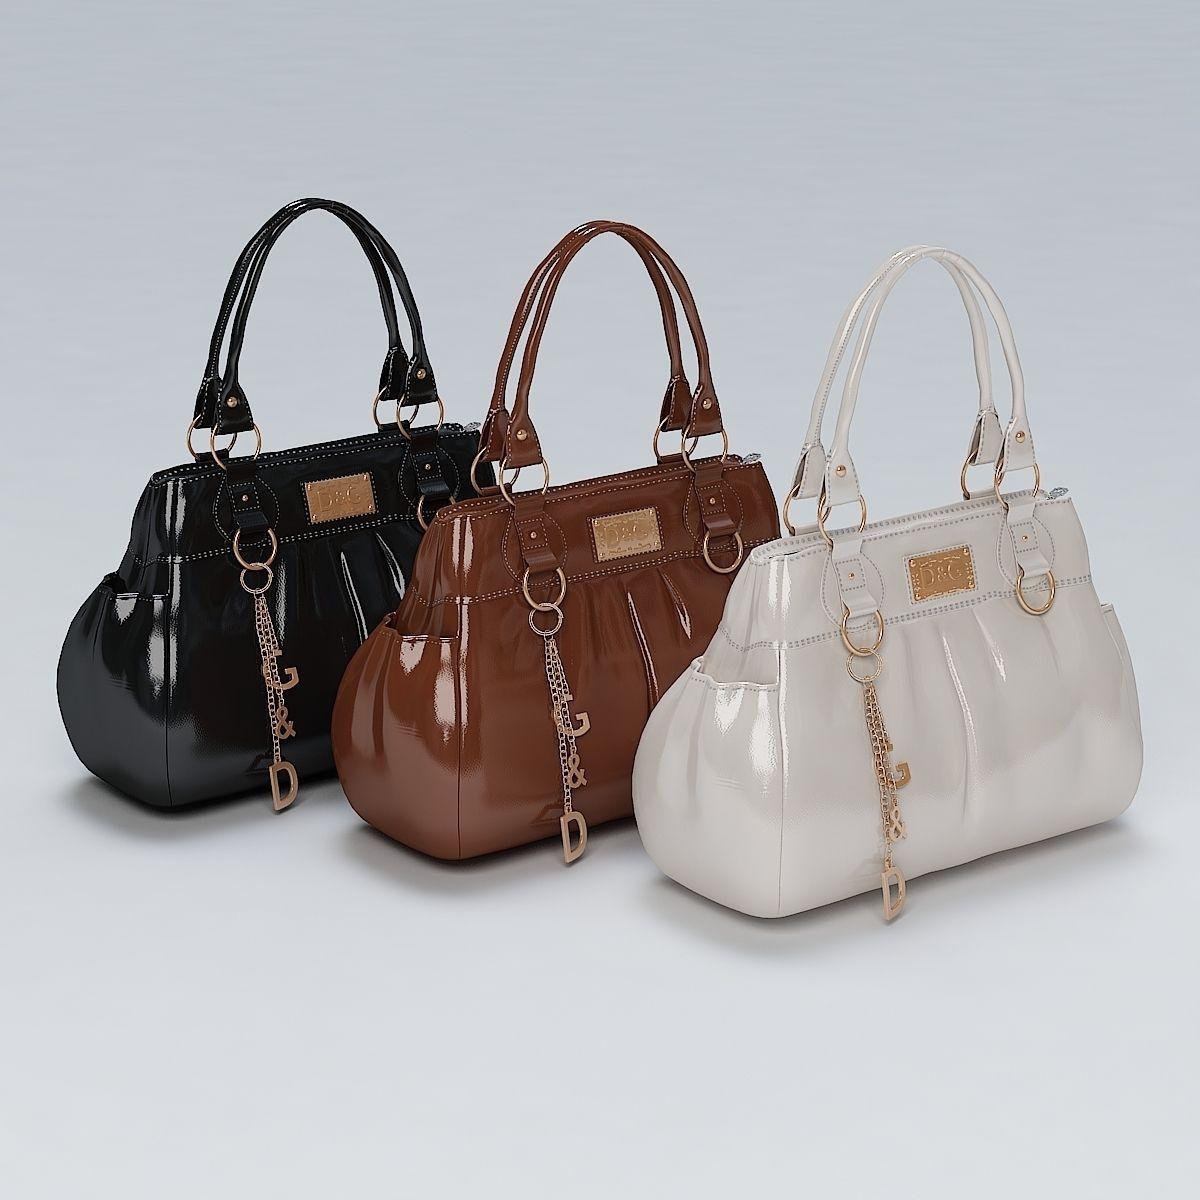 3d Ladies Hand Bag 02 Cgtrader